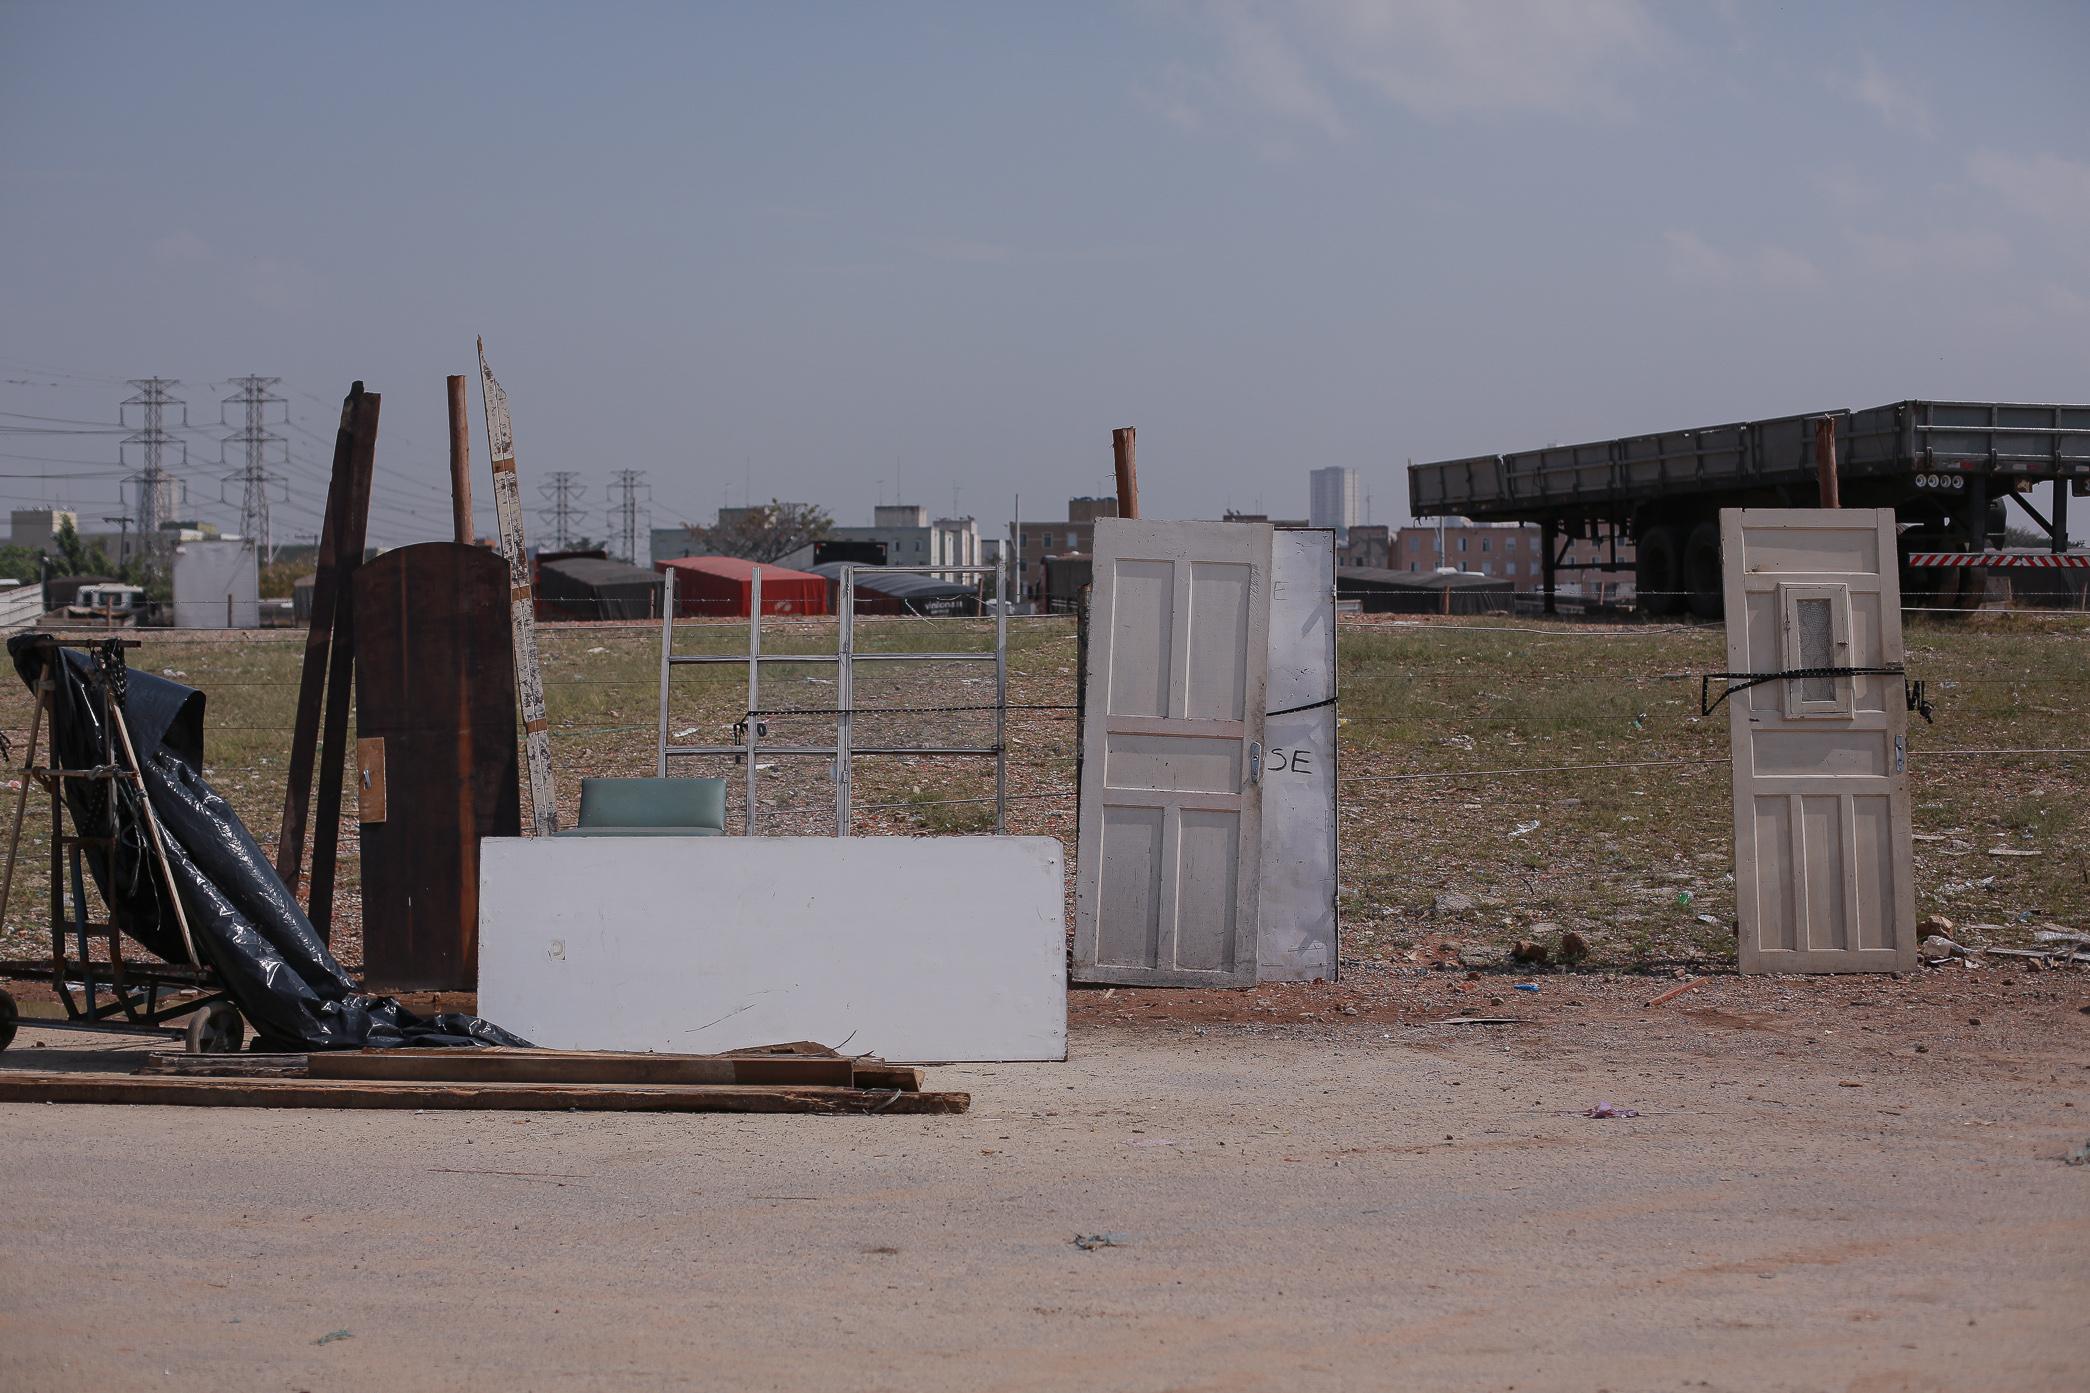 Lote 7 da PPP habitacional será construído sobre a ocupação Viva Jardim Julieta e não contemplará at